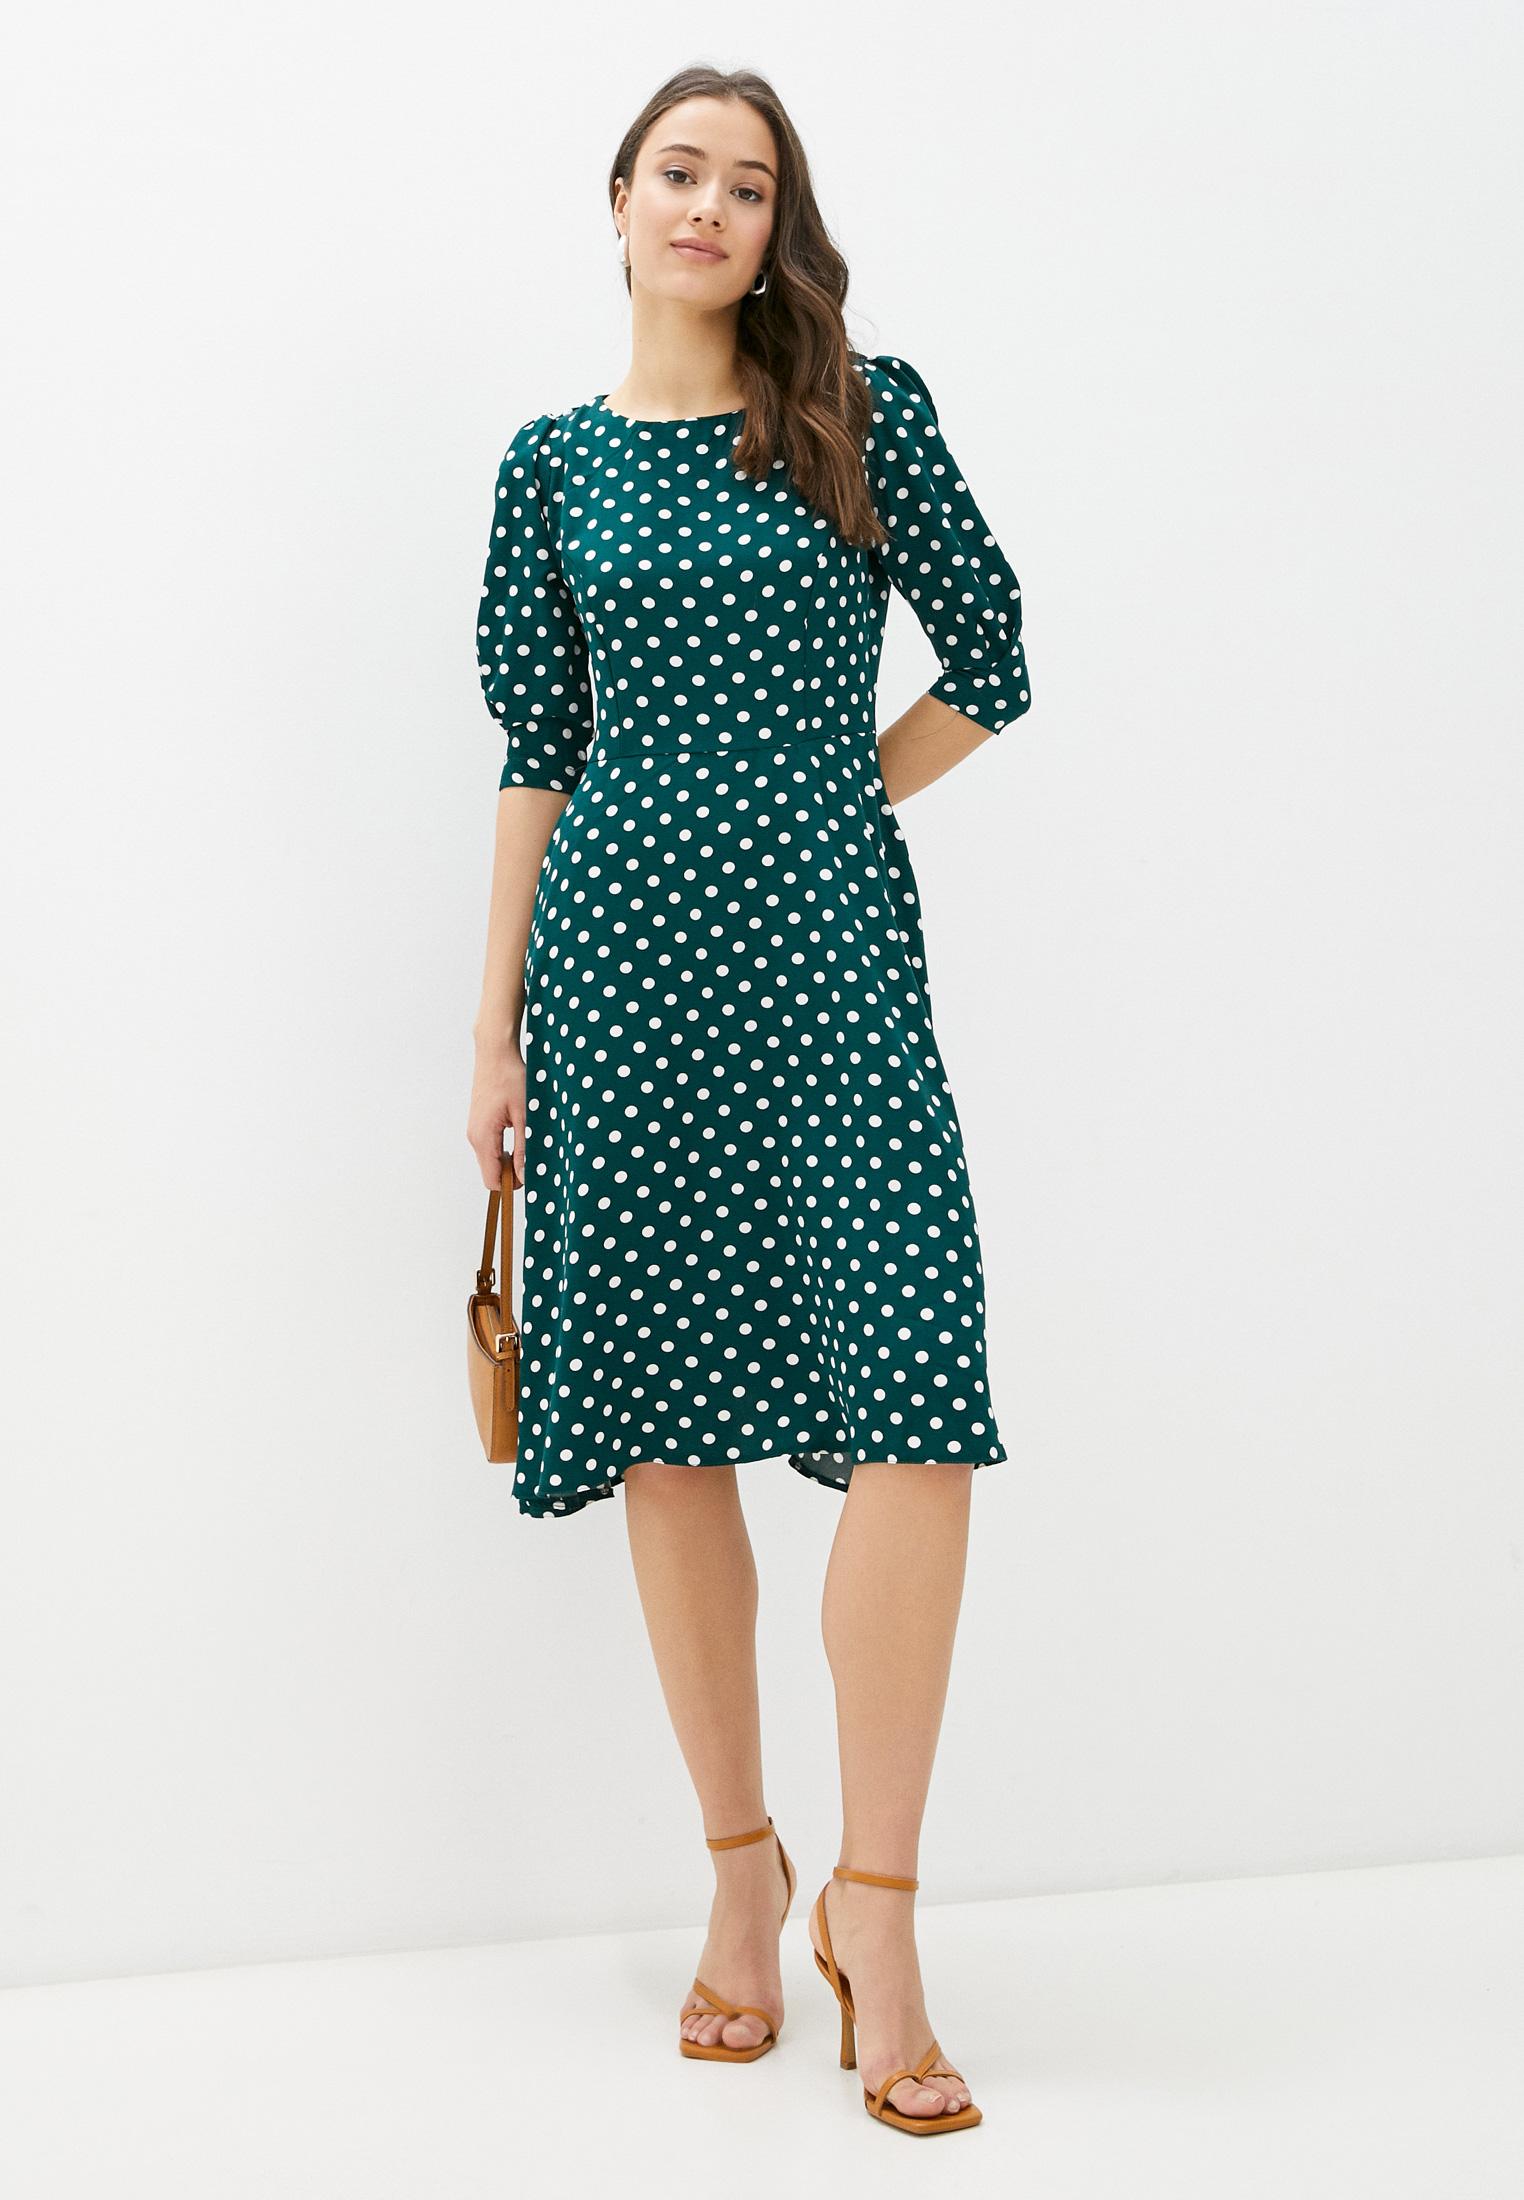 Повседневное платье Toku Tino TT8513023k/: изображение 2